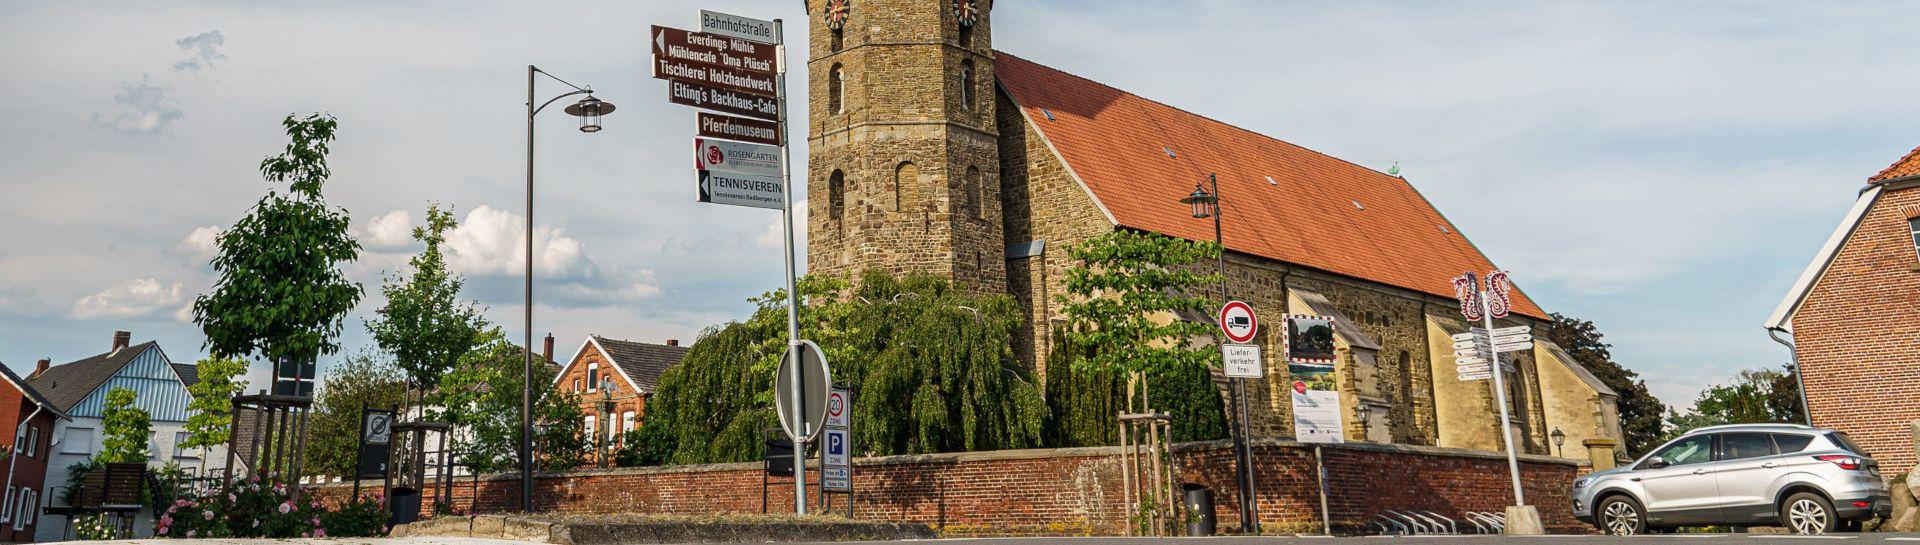 Blick auf die Kirche Badbergen mit Wegweiser zu den Sehenswürdigkeiten der Gemeinde